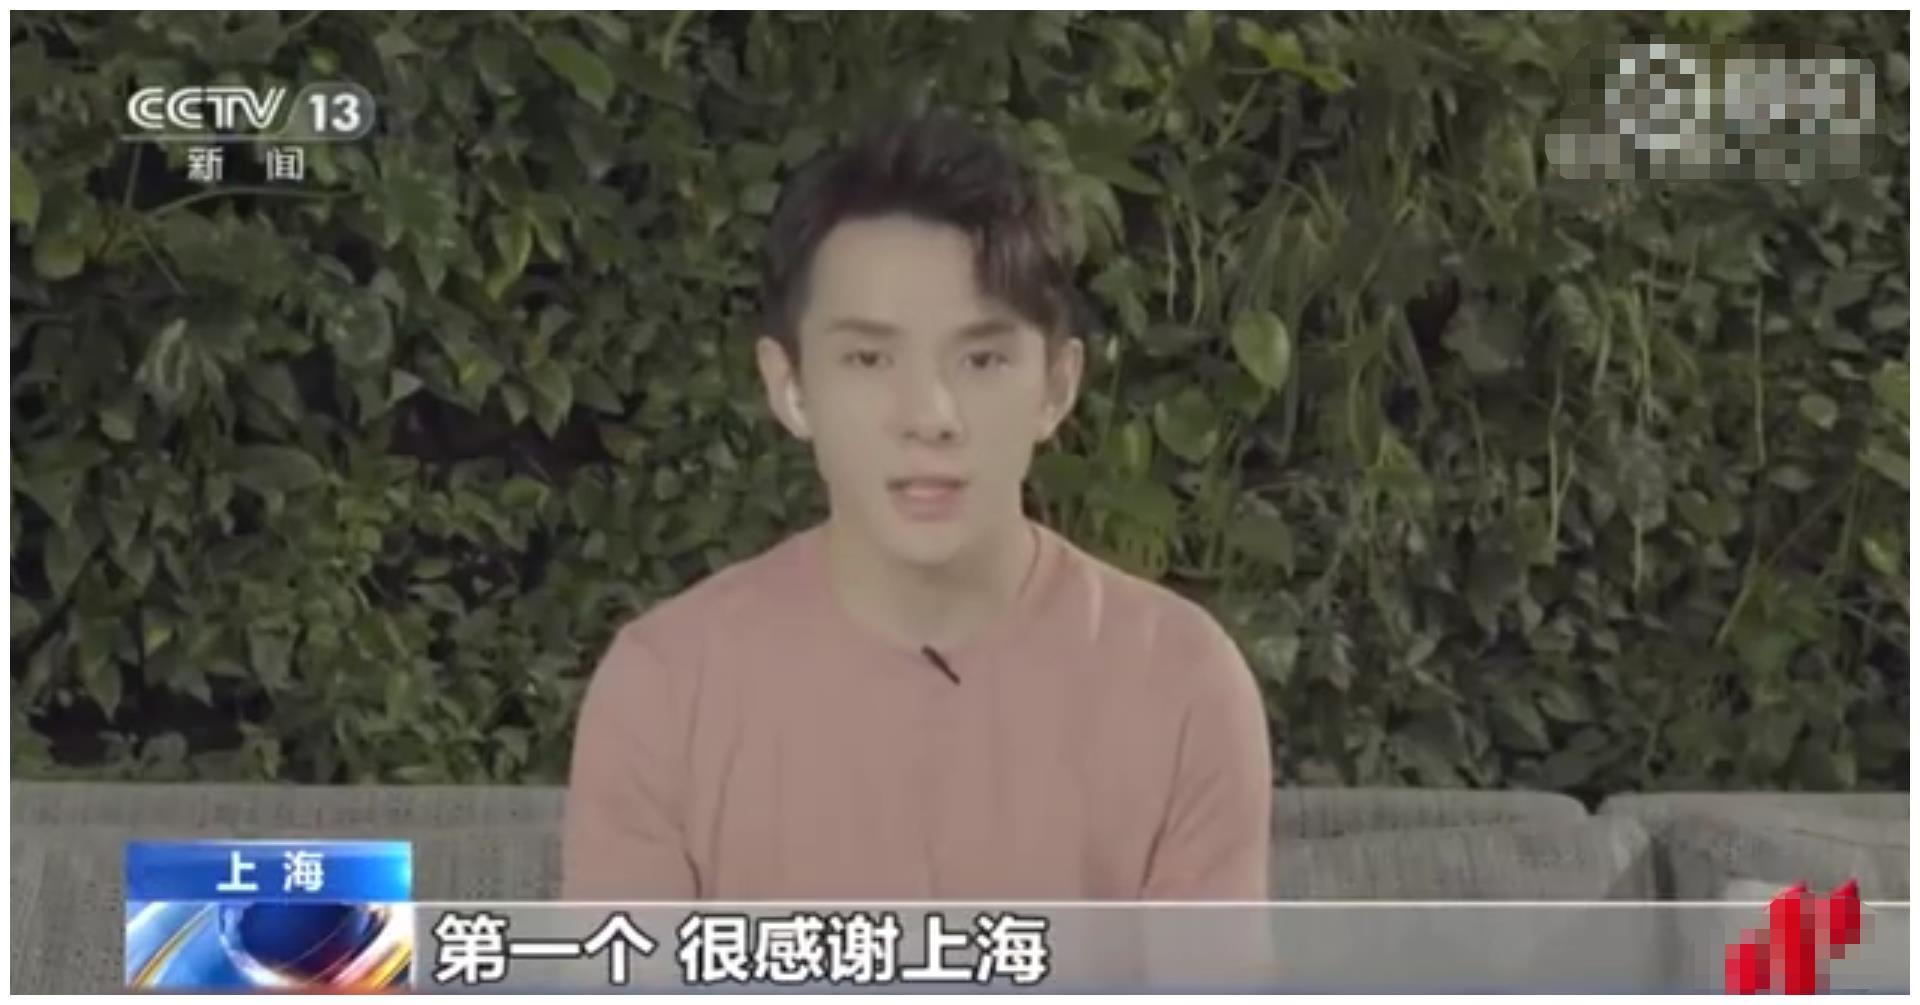 首个特殊人才落户上海,央视专访李佳琦,看看他怎么说